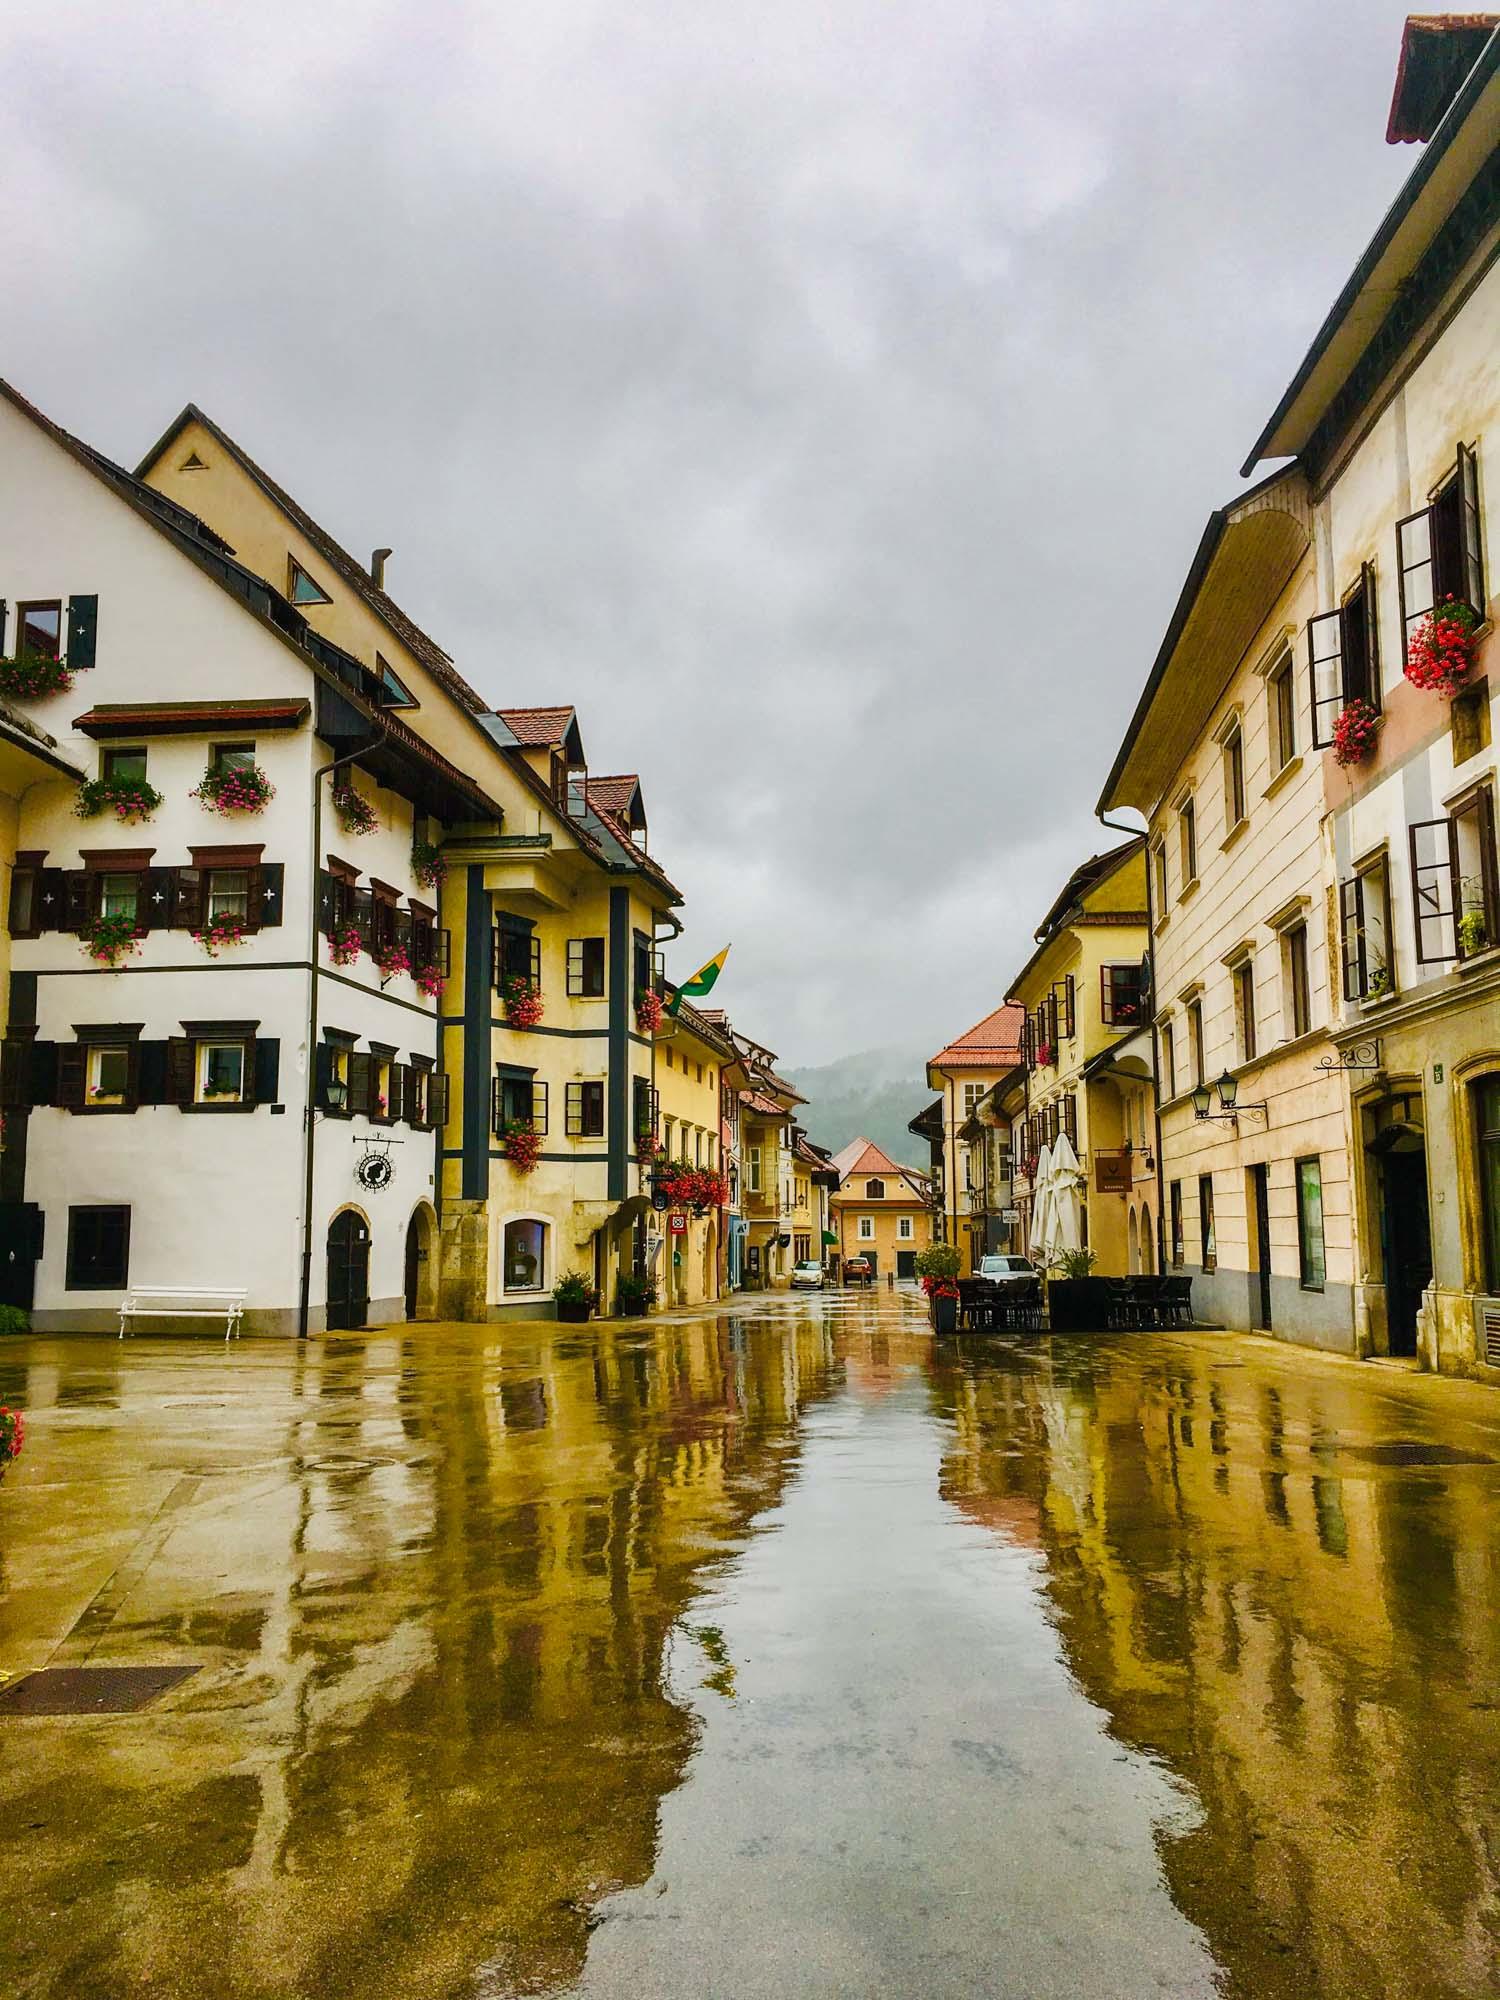 Skofja Loka. Eastern europe's most walkable cities